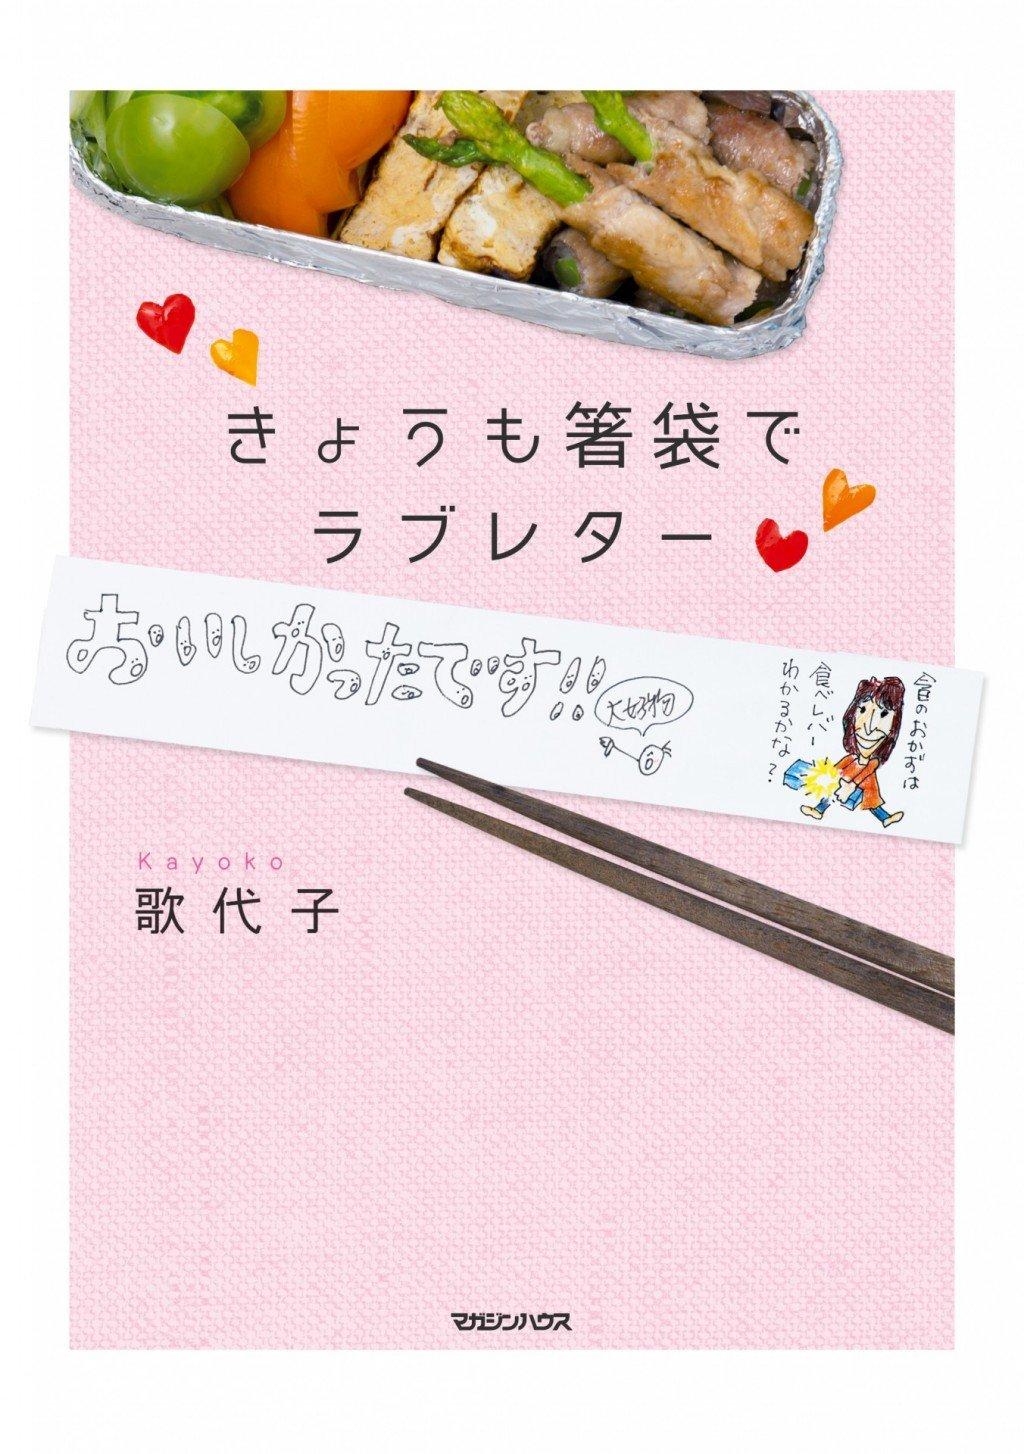 箸袋でラブレター